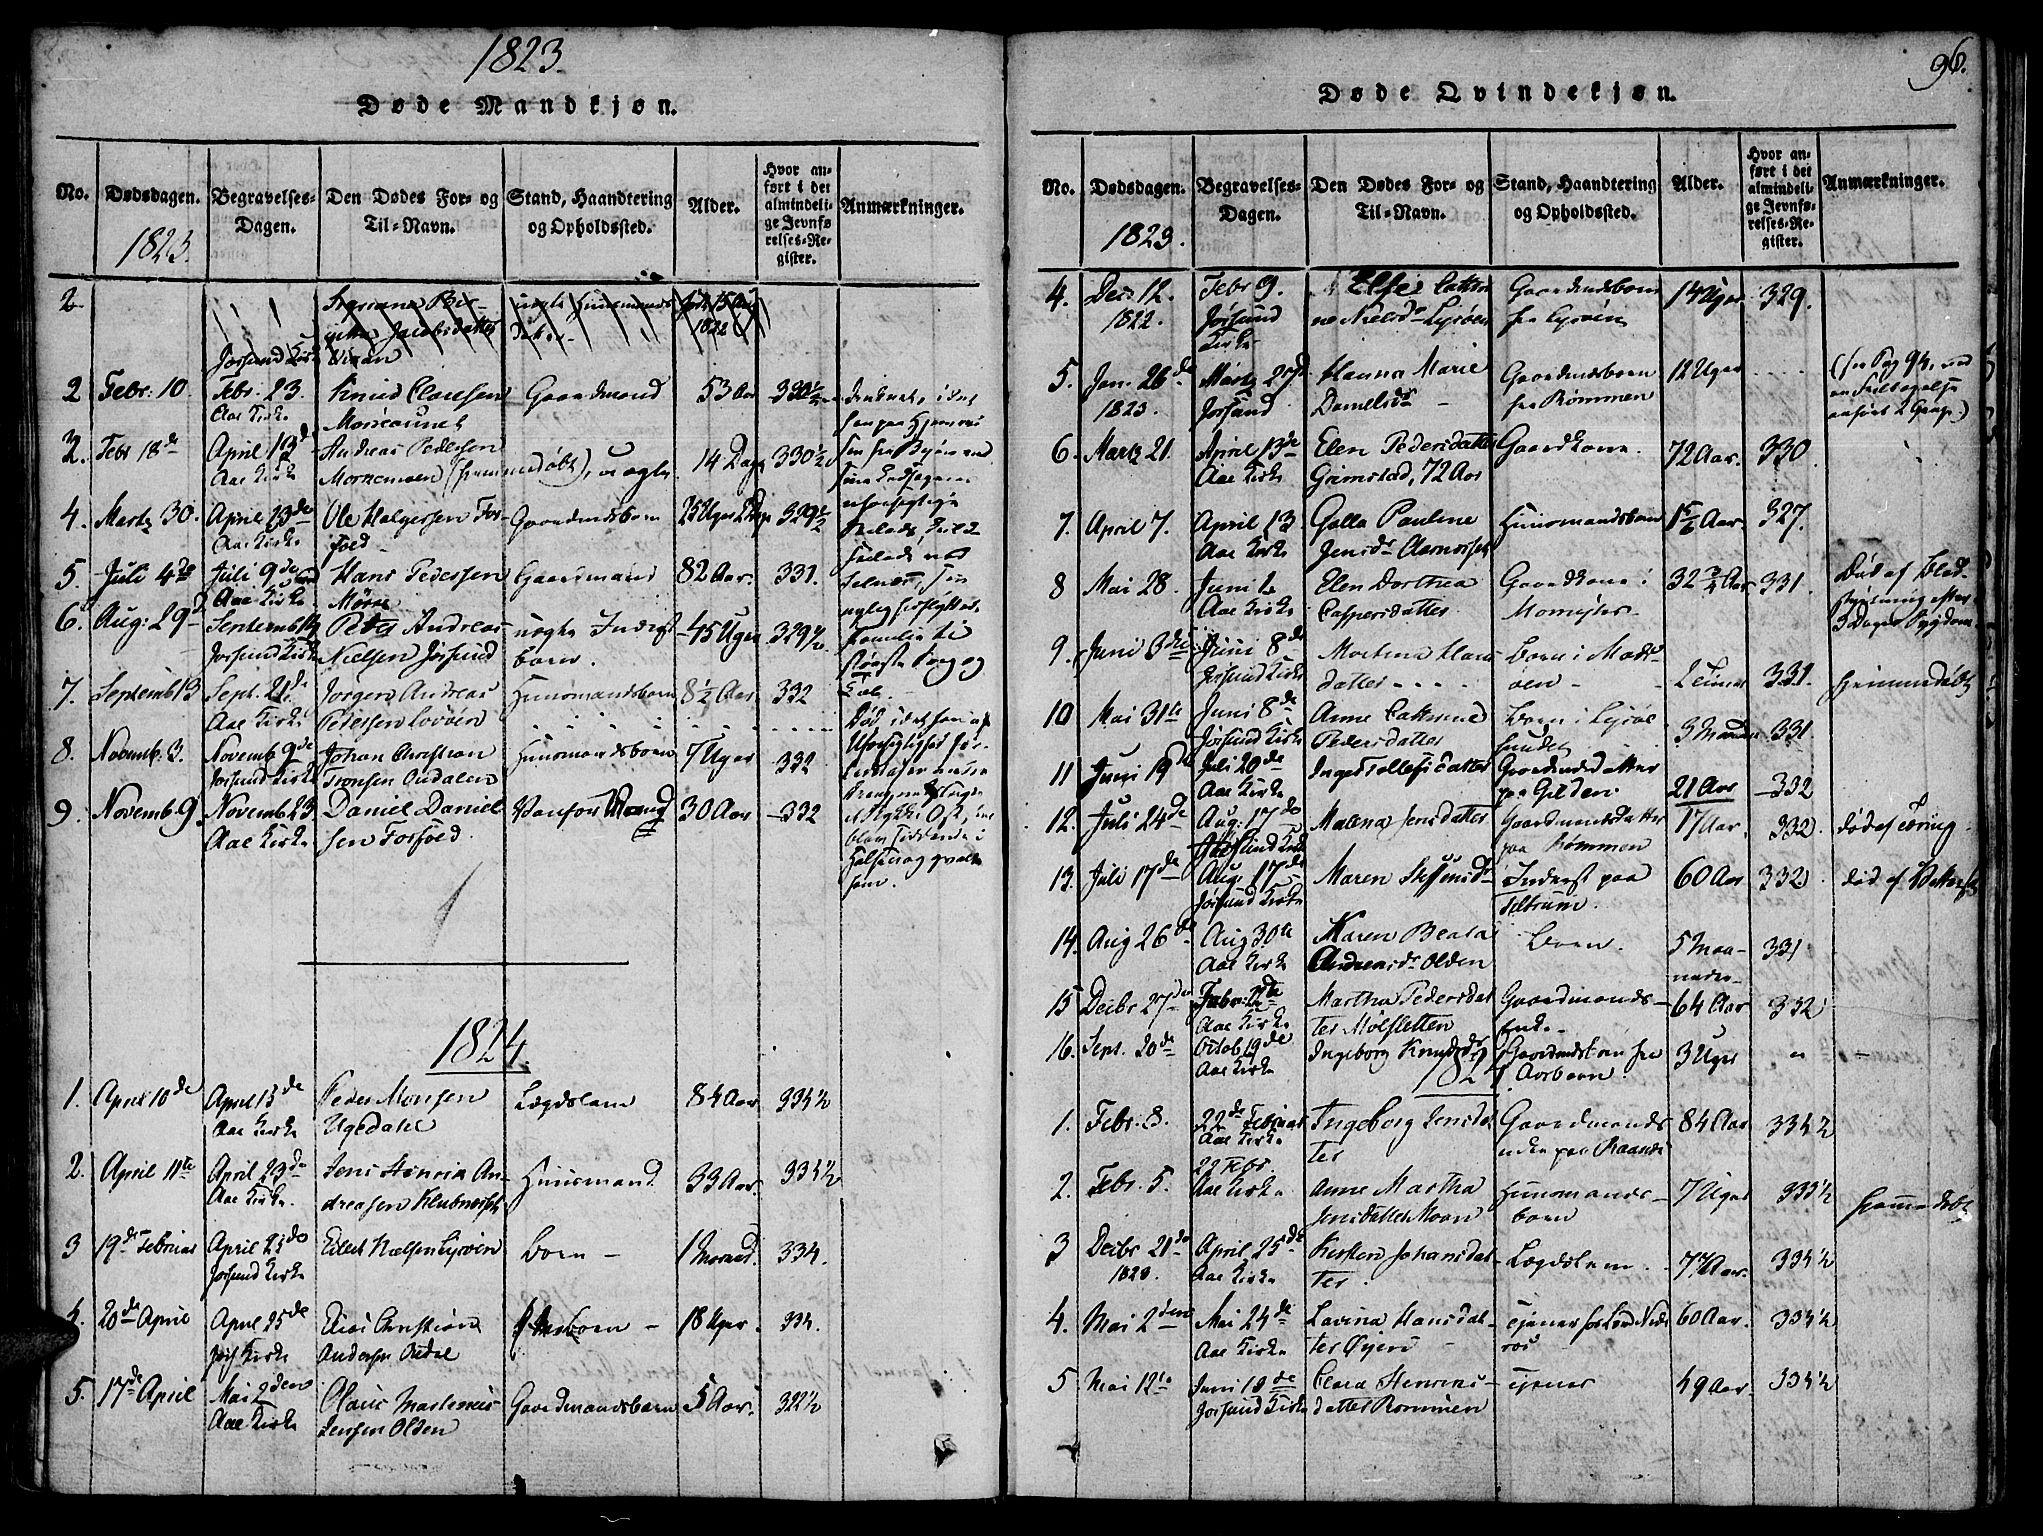 SAT, Ministerialprotokoller, klokkerbøker og fødselsregistre - Sør-Trøndelag, 655/L0675: Ministerialbok nr. 655A04, 1818-1830, s. 96